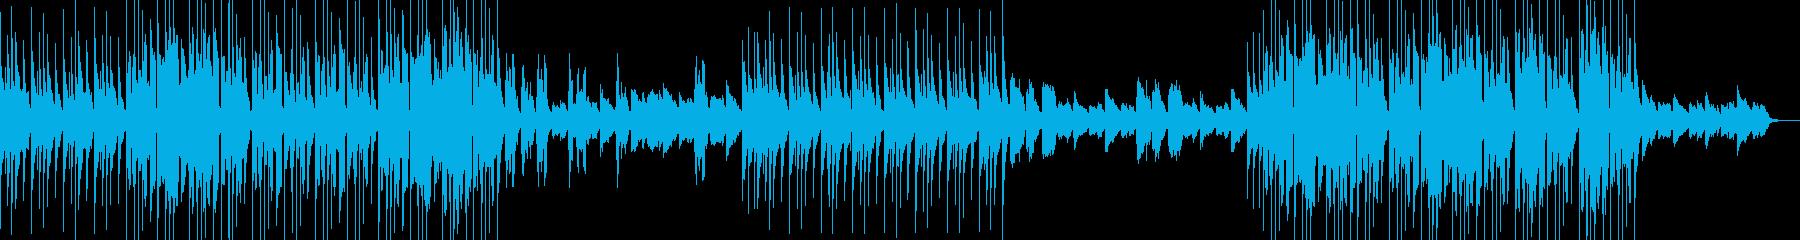 『凡庸』のどかなHIPHOPの再生済みの波形